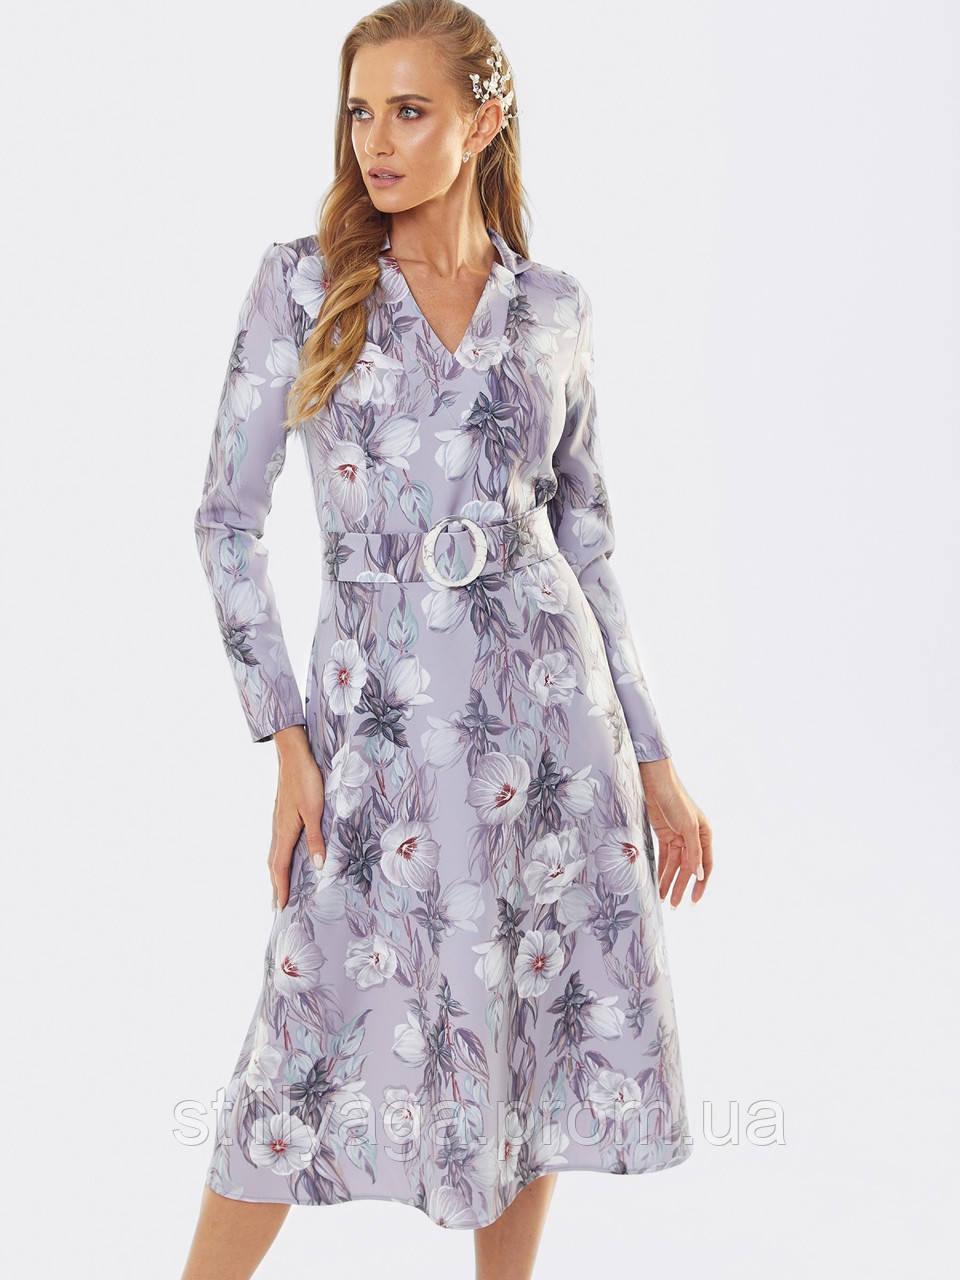 Расклешенное платье  длиной миди в мелкий цветочный принт